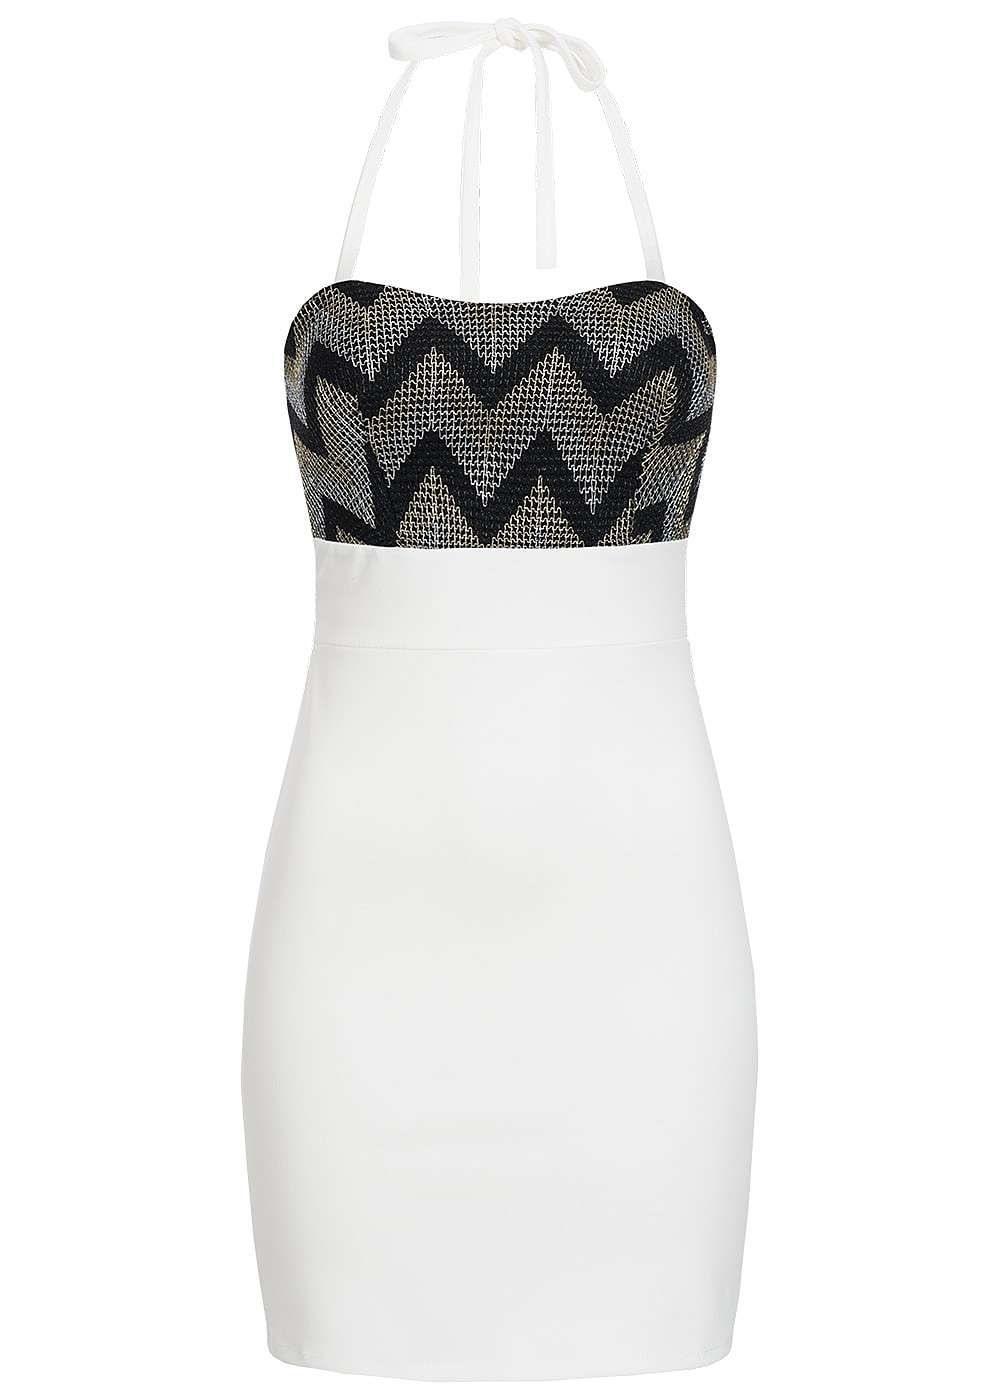 Designer Perfekt Kleid Weiß Glitzer Ärmel17 Kreativ Kleid Weiß Glitzer Boutique